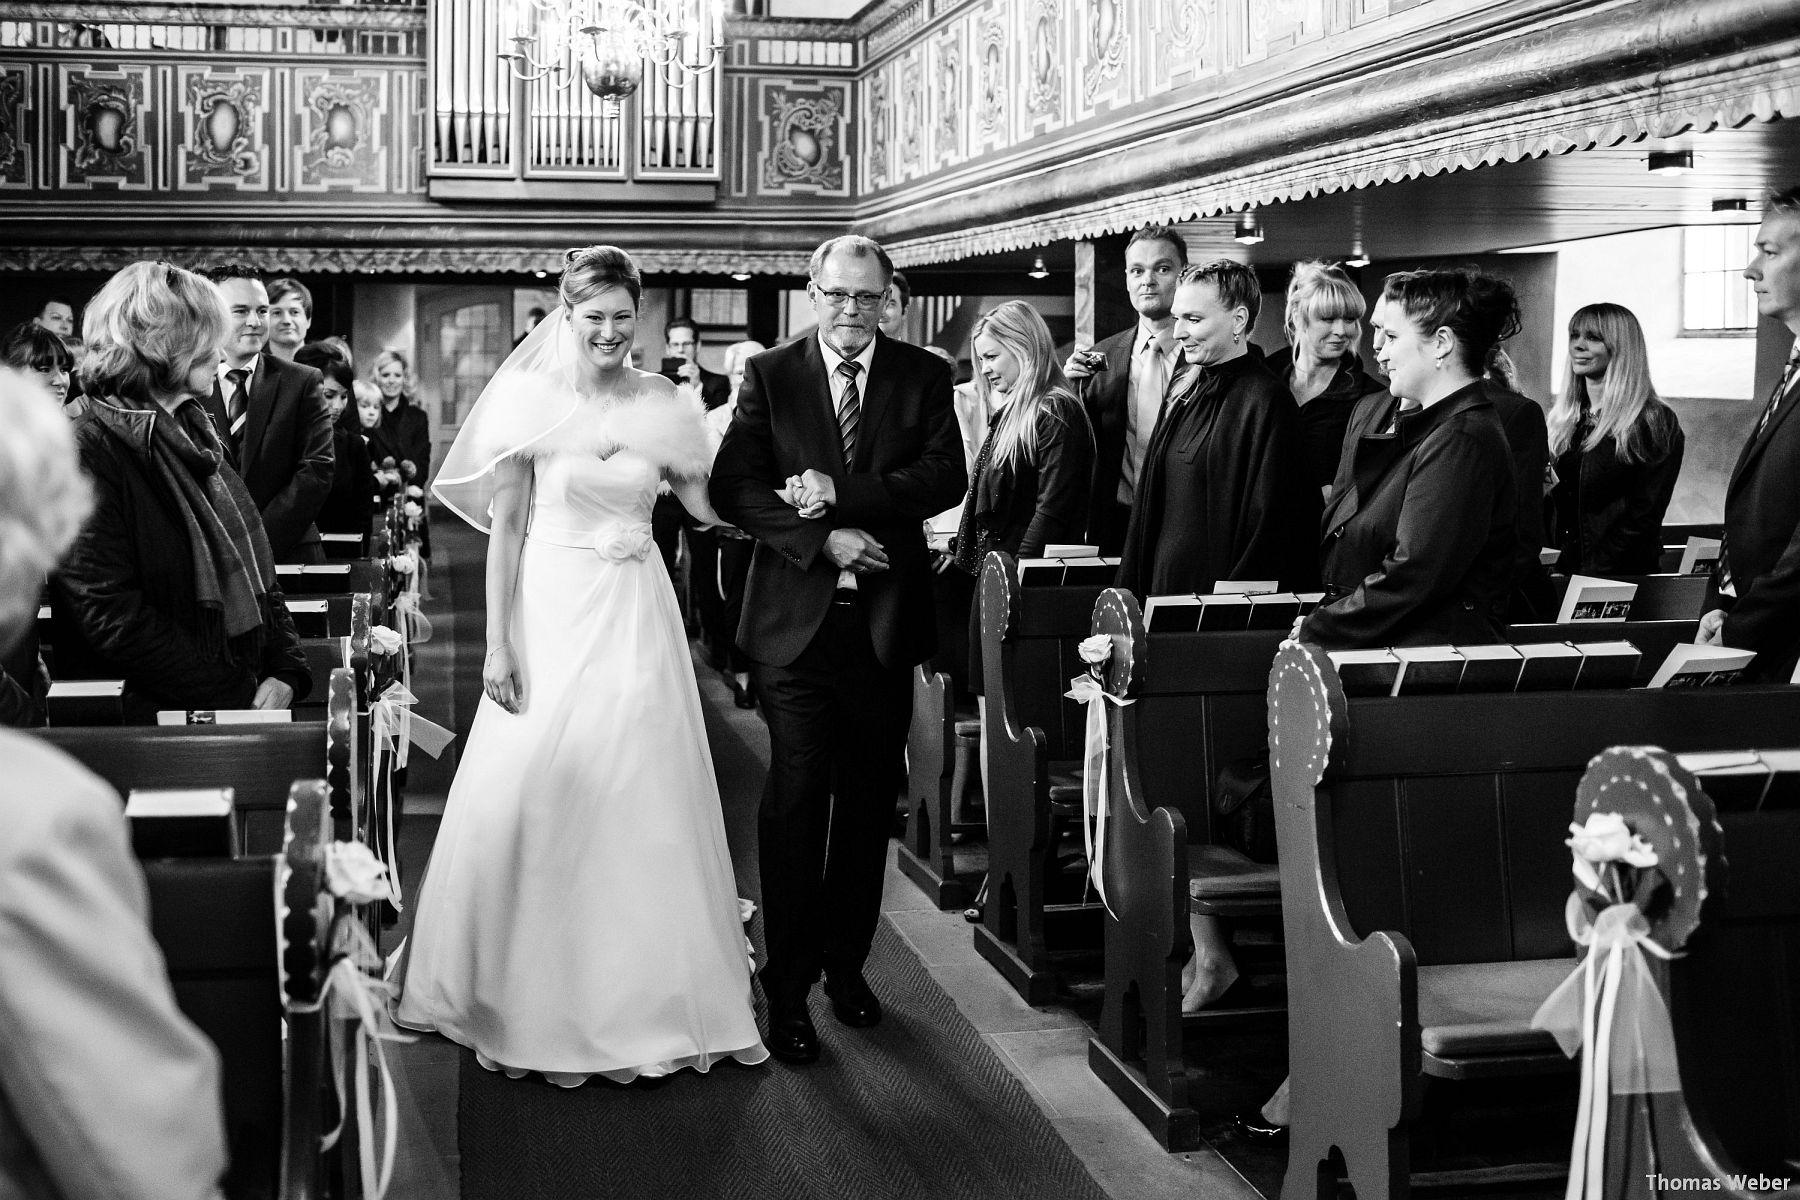 Hochzeitsfotograf Rastede: Kirchliche Trauung in der St. Ulrichs Kirche Rastede und Hochzeitsfeier in der Eventscheune St Georg Rastede mit dem Catering von Split Food (Michael Niebuhr) aus Oldenburg (17)